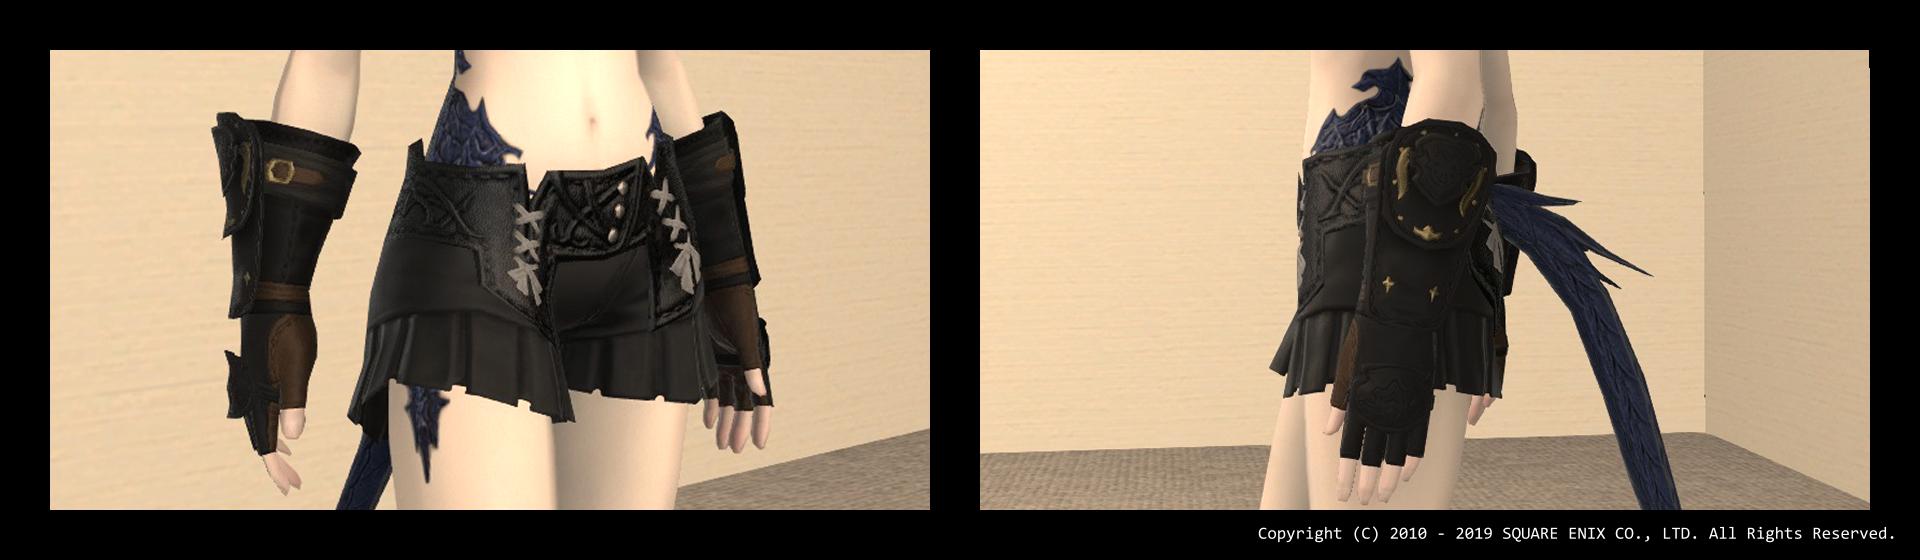 403c-blmsmnrdmblu-hands